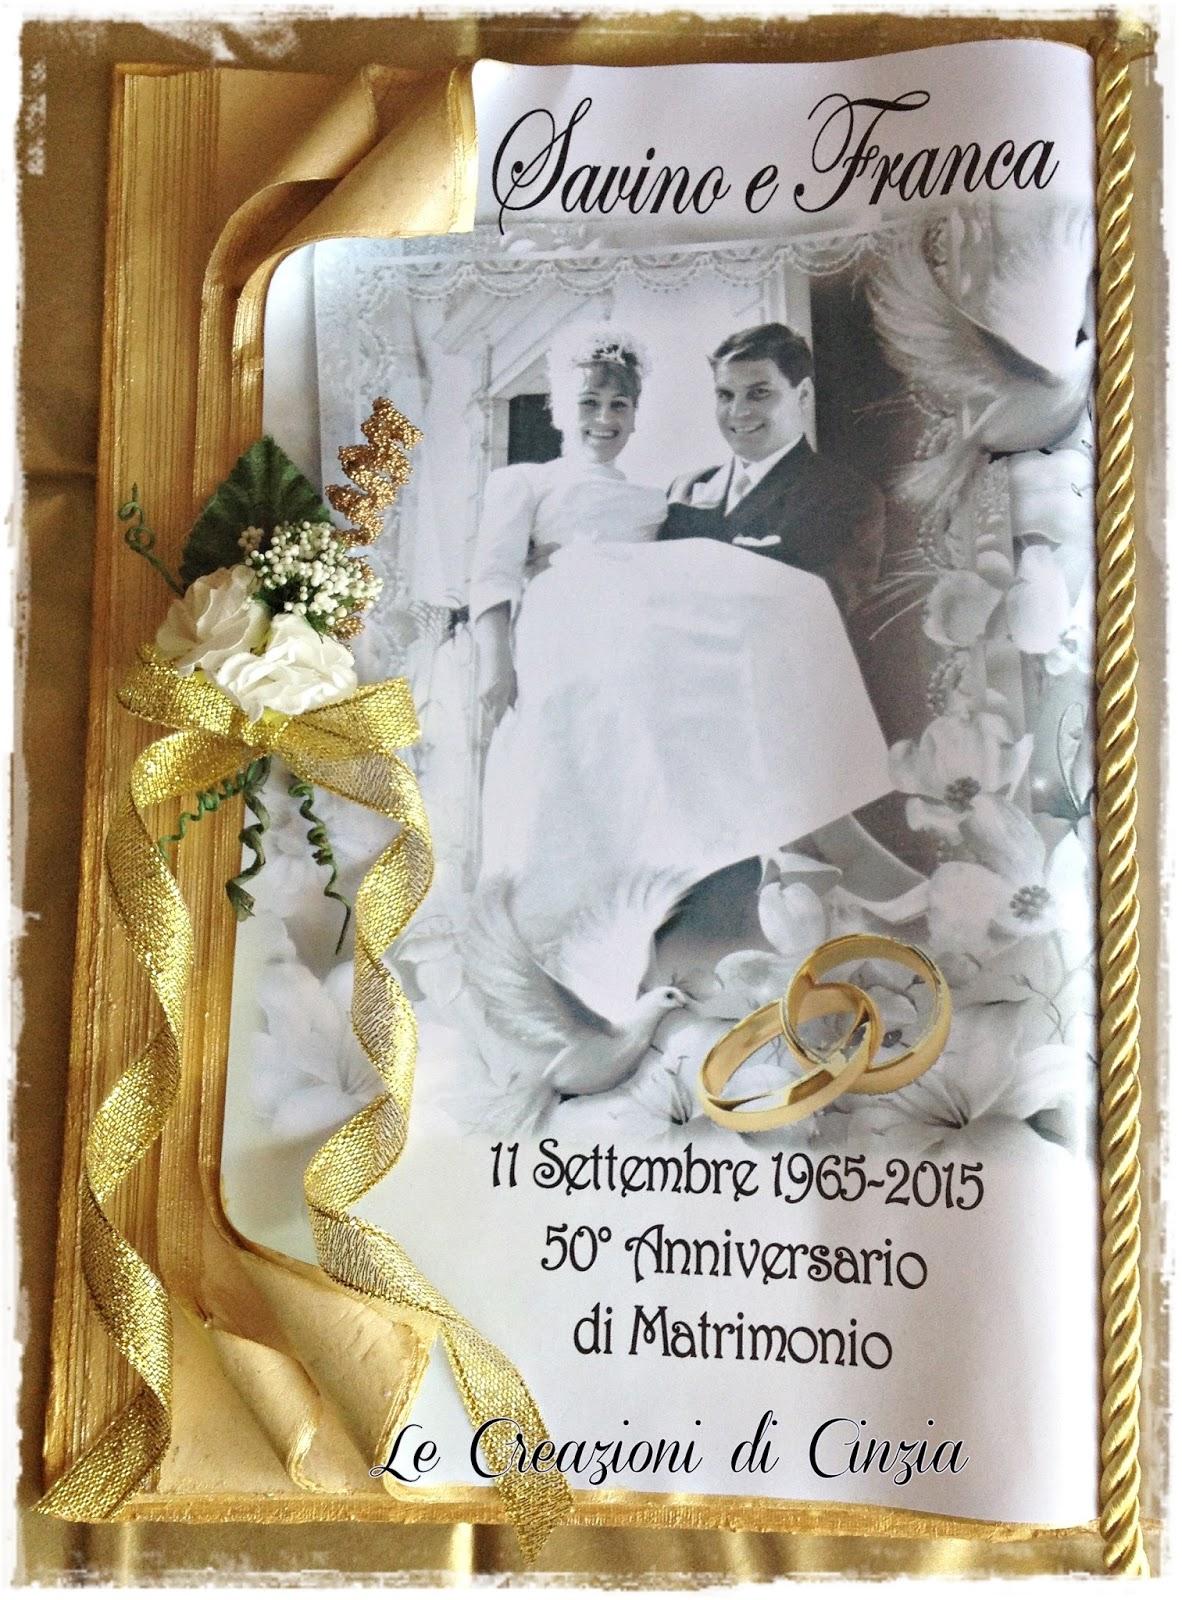 Auguri Matrimonio Tratte Da Libri : Le creazioni di cinzia nozze d oro a milano